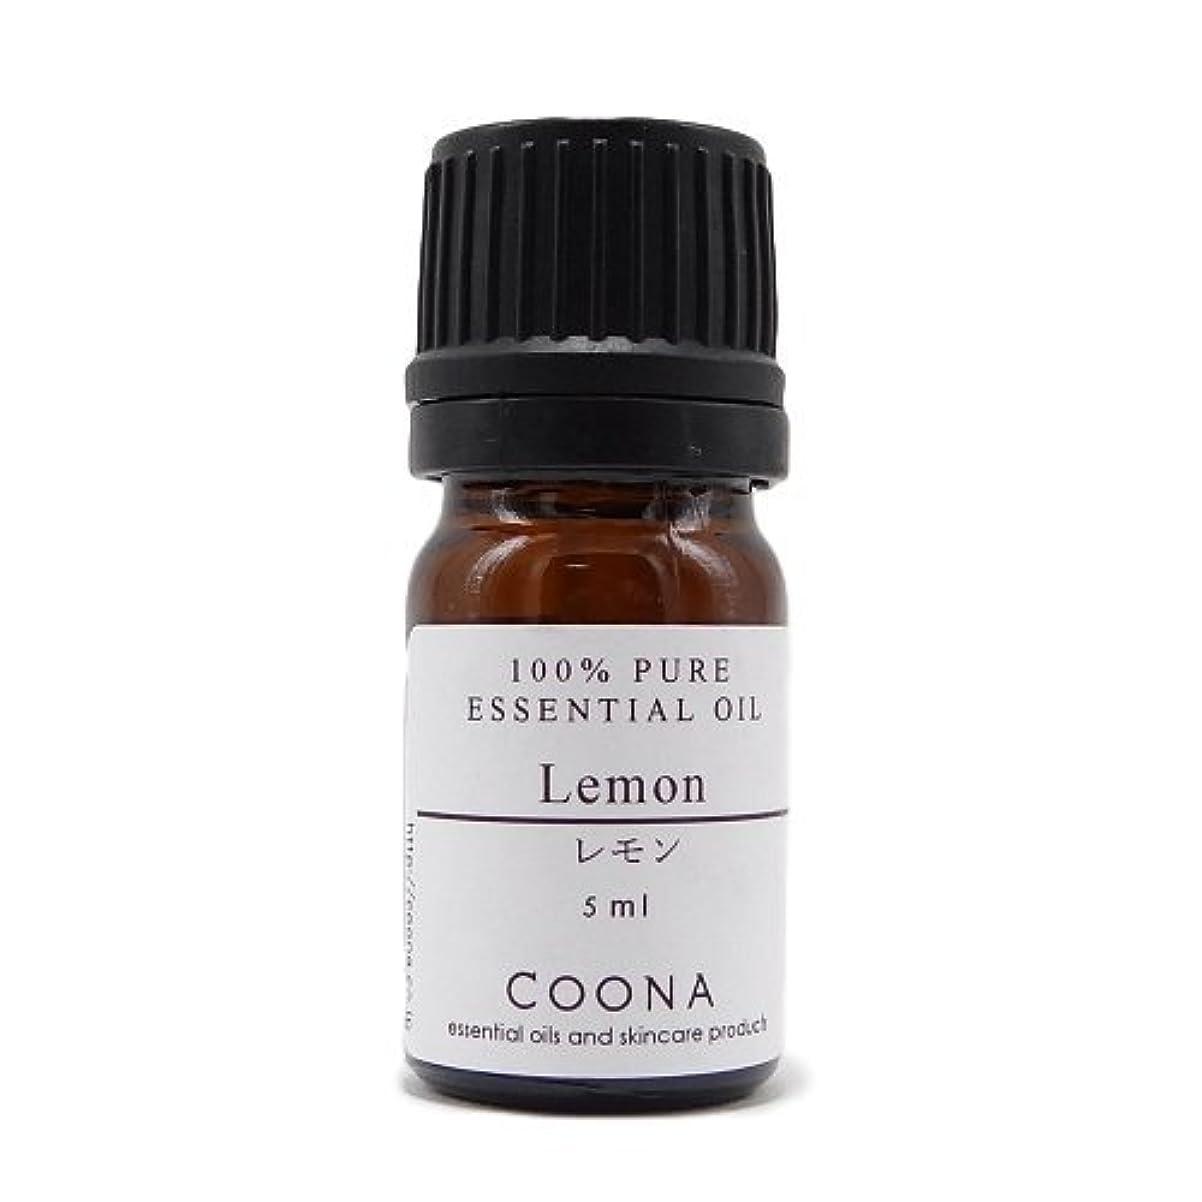 メイエラ輪郭入植者レモン 5 ml (COONA エッセンシャルオイル アロマオイル 100%天然植物精油)